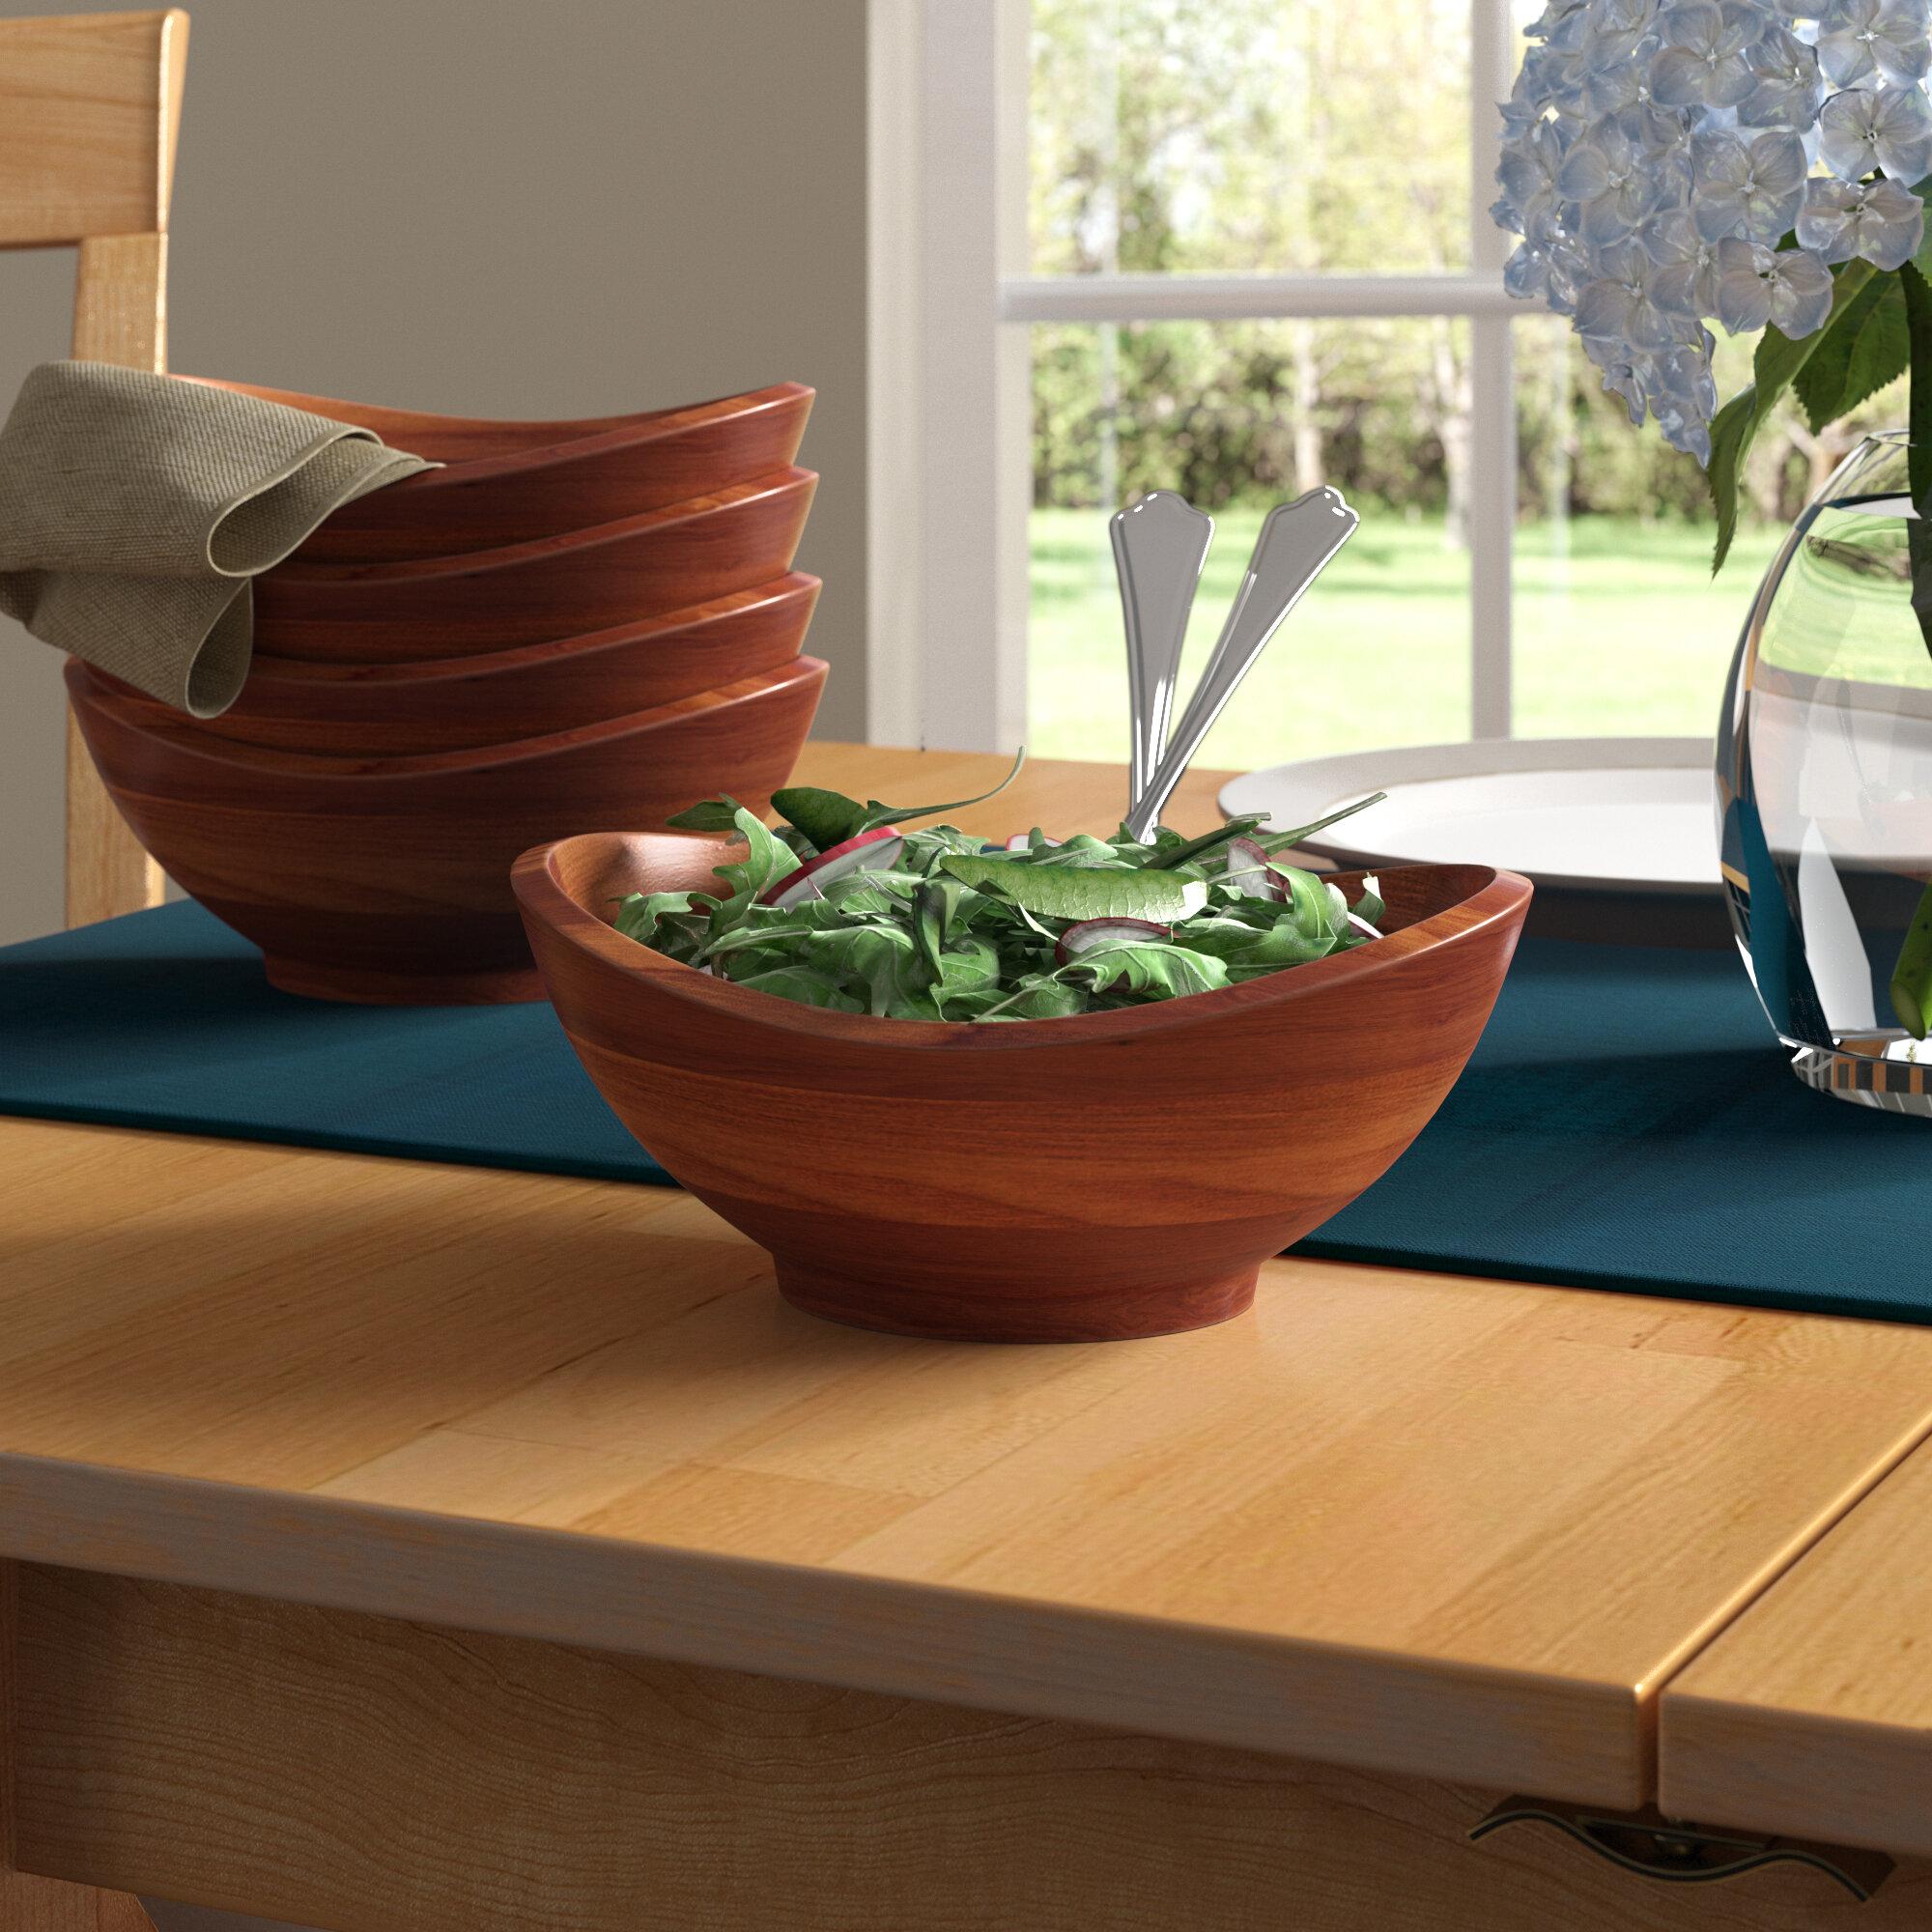 Millwood Pines Magdy Individual 4 Piece Salad Bowl Set Reviews Wayfair